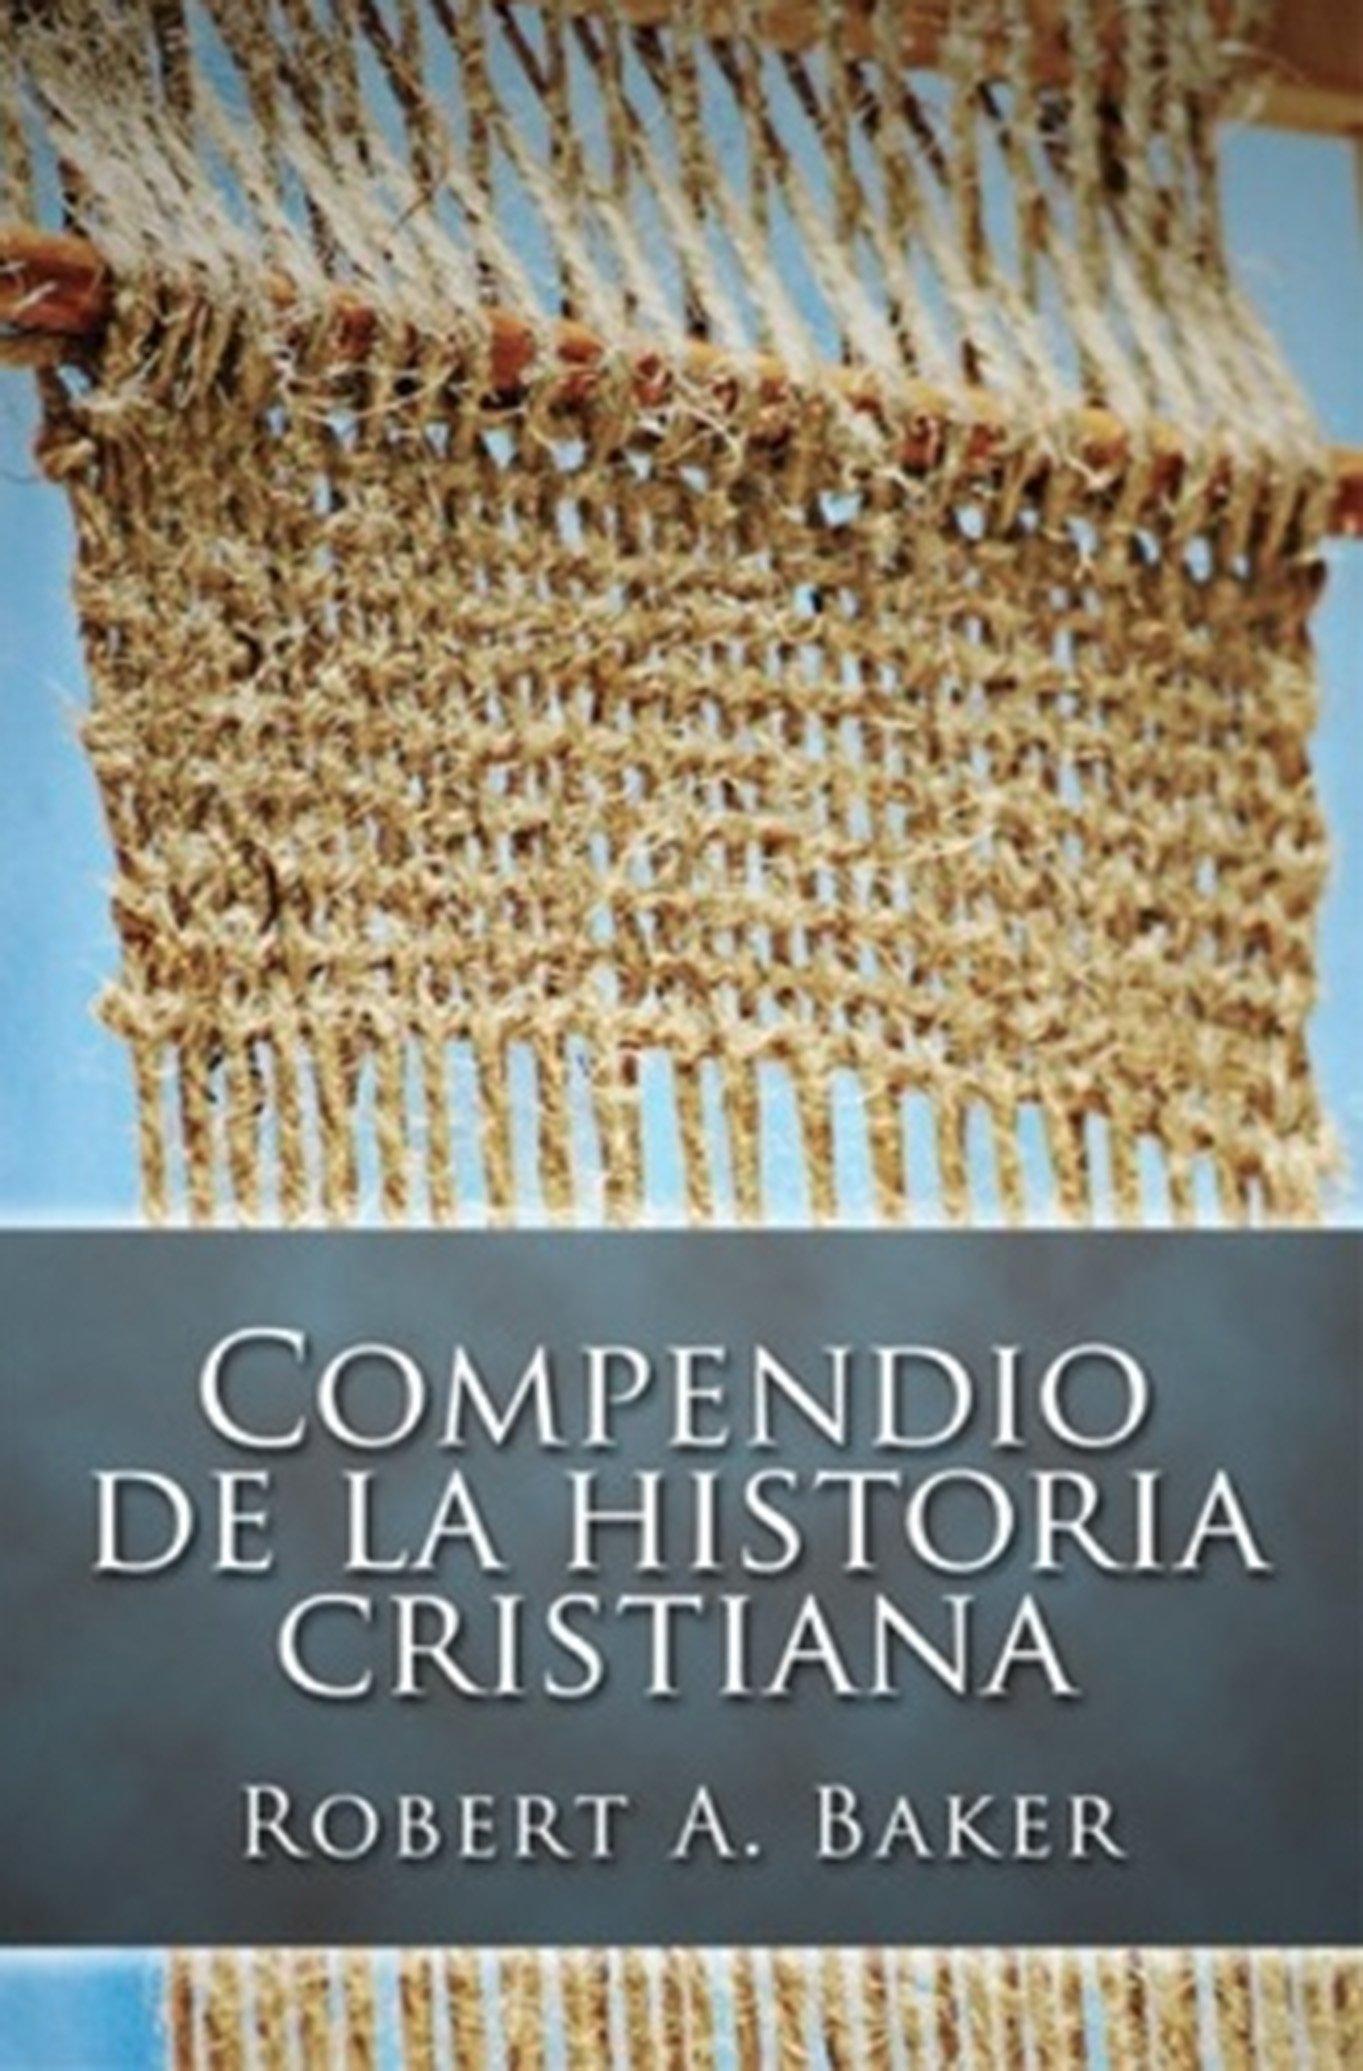 Compendio de la Historia Cristiana: Robert Andrew Baker